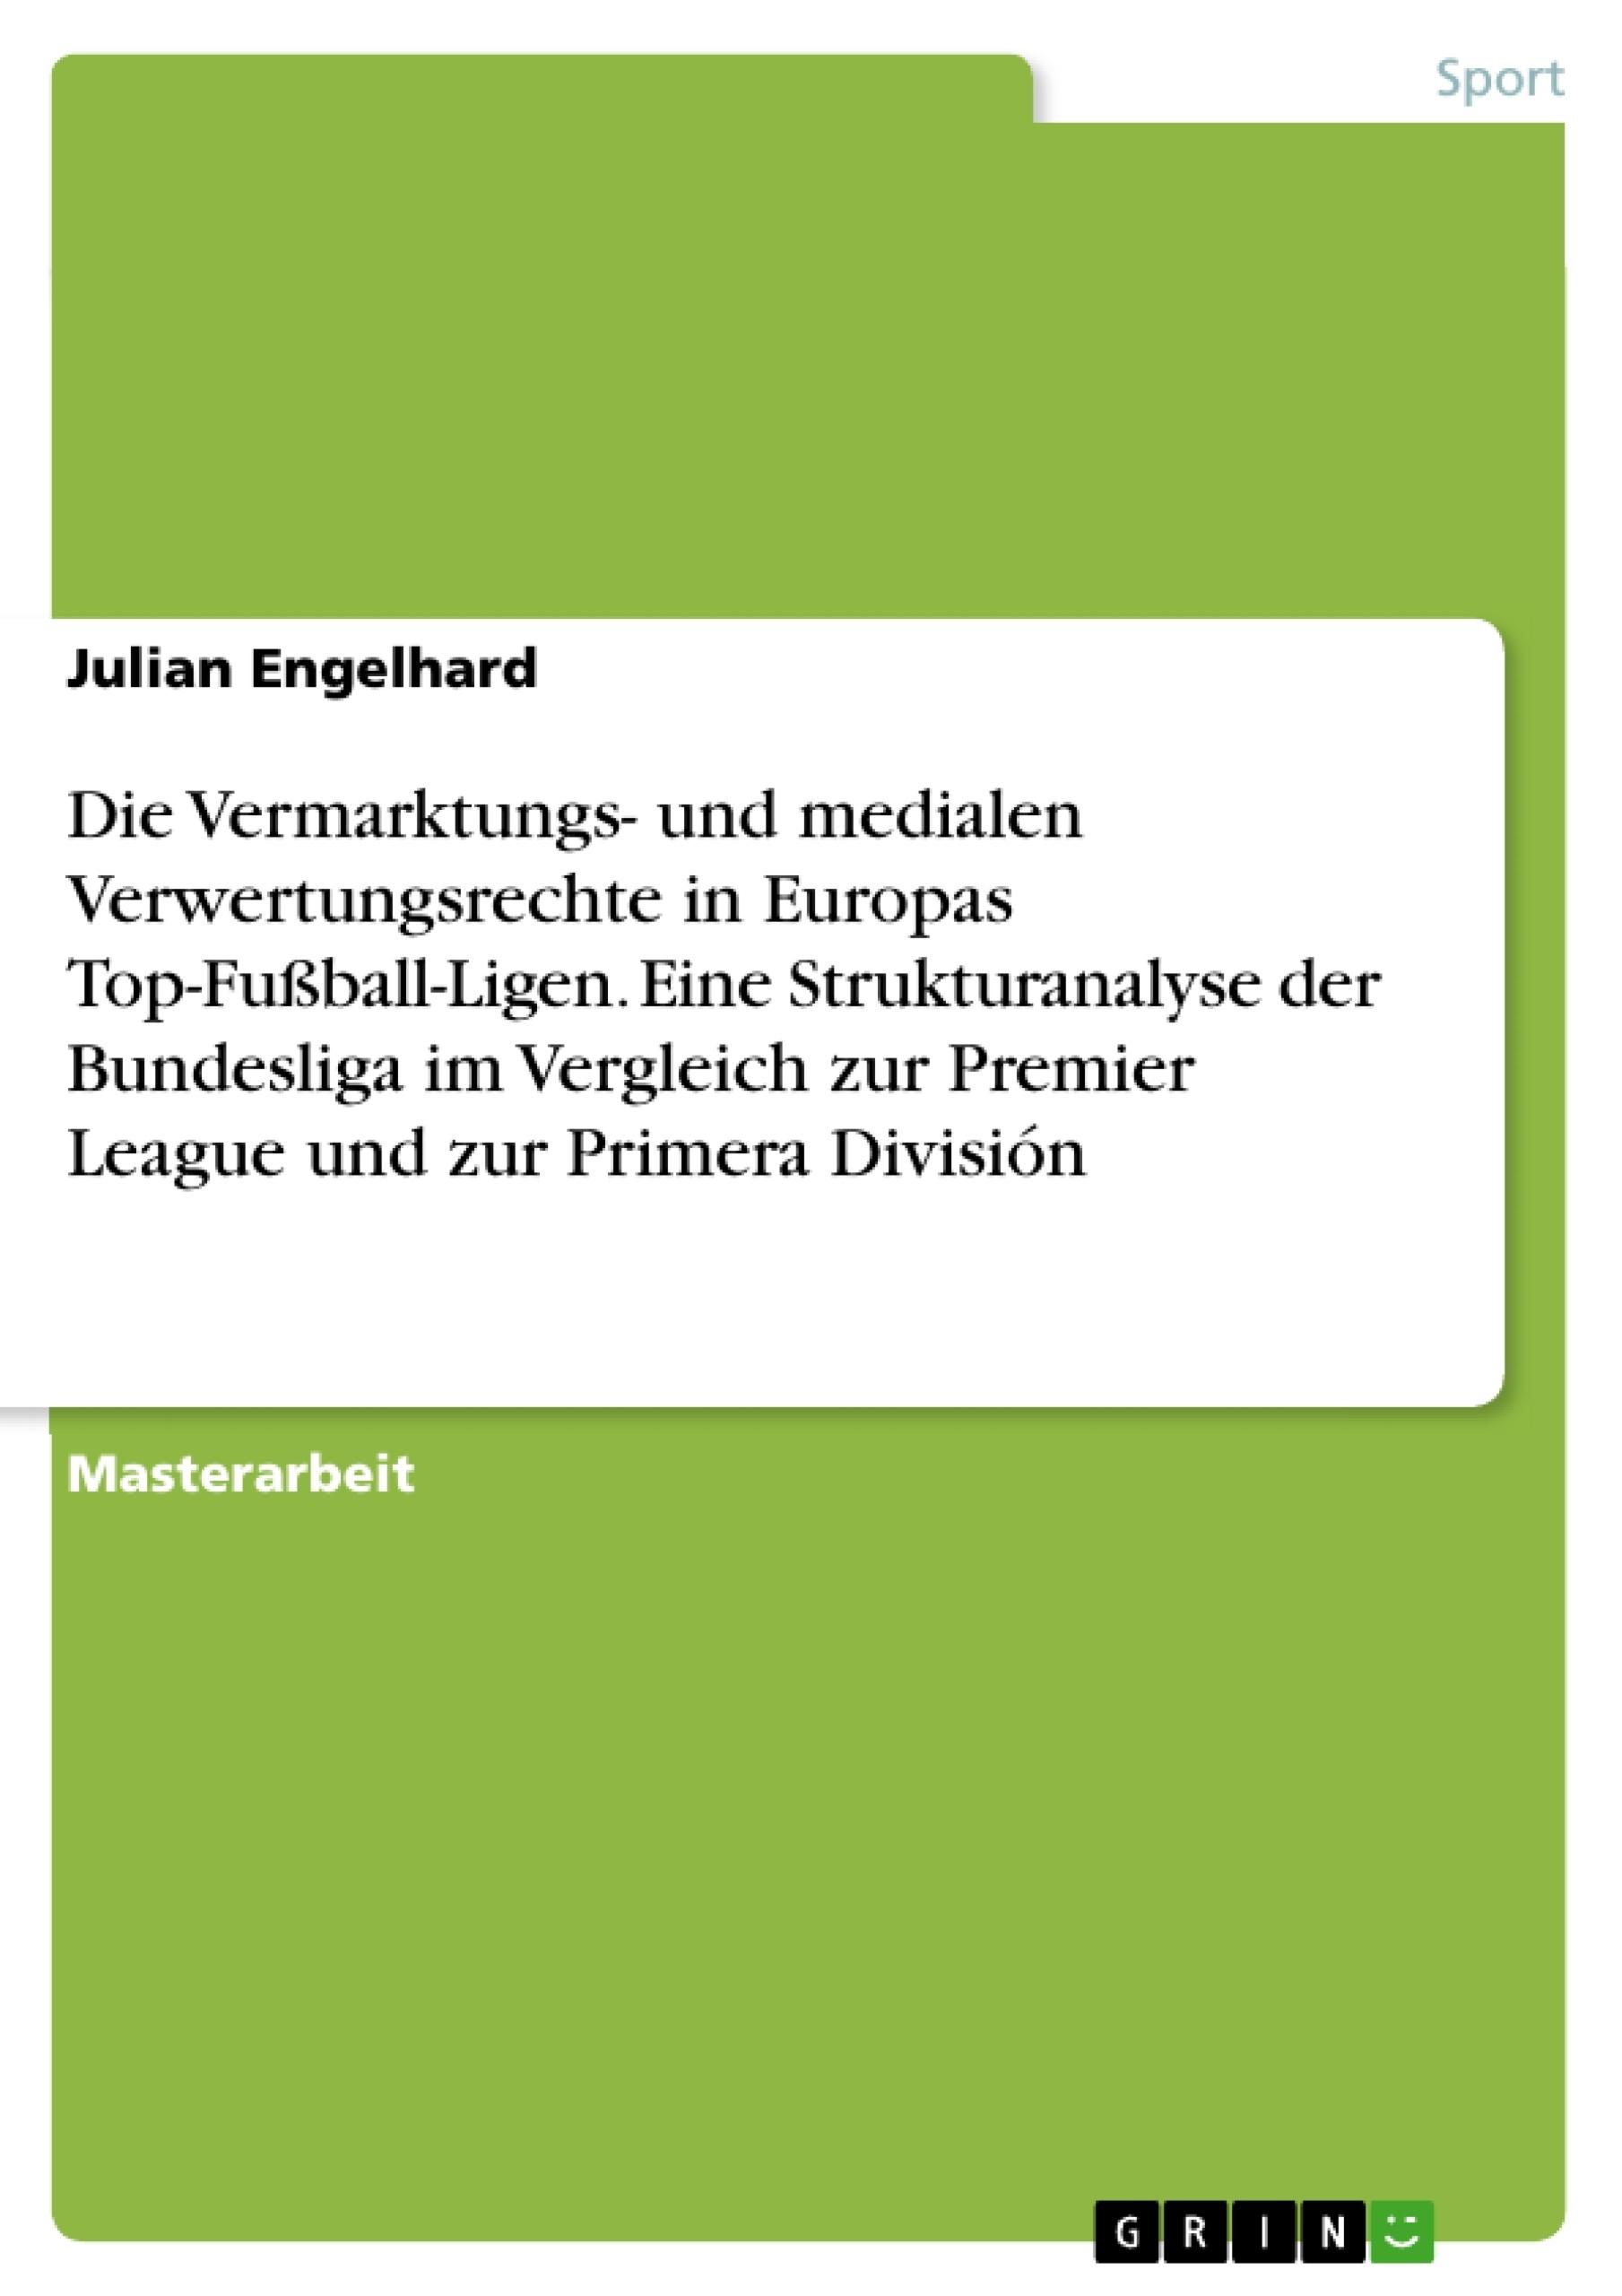 Titel: Die Vermarktungs- und medialen Verwertungsrechte in Europas Top-Fußball-Ligen. Eine Strukturanalyse der Bundesliga im Vergleich zur Premier League und zur Primera División